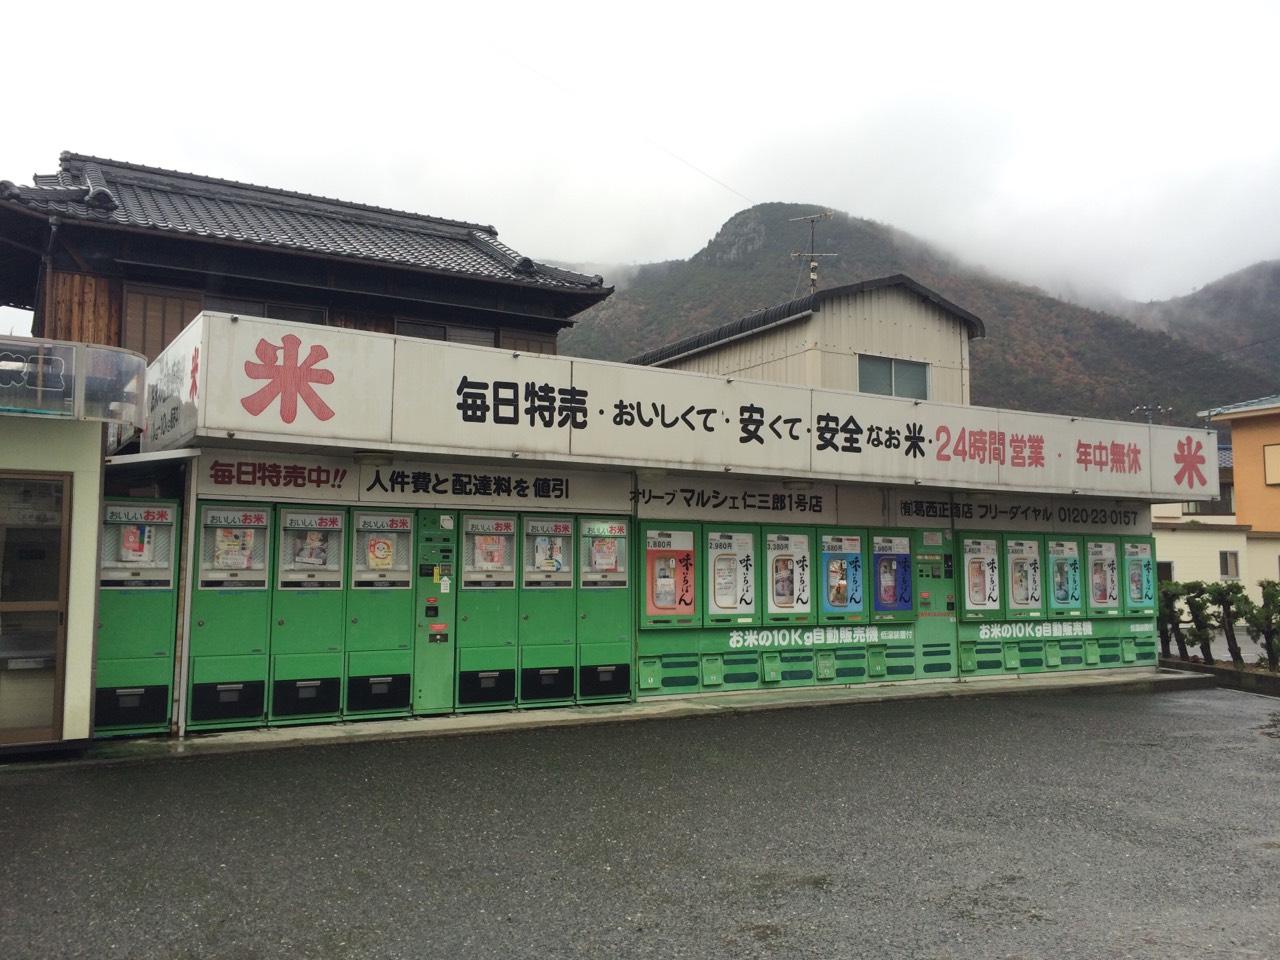 路邊的白米販賣機